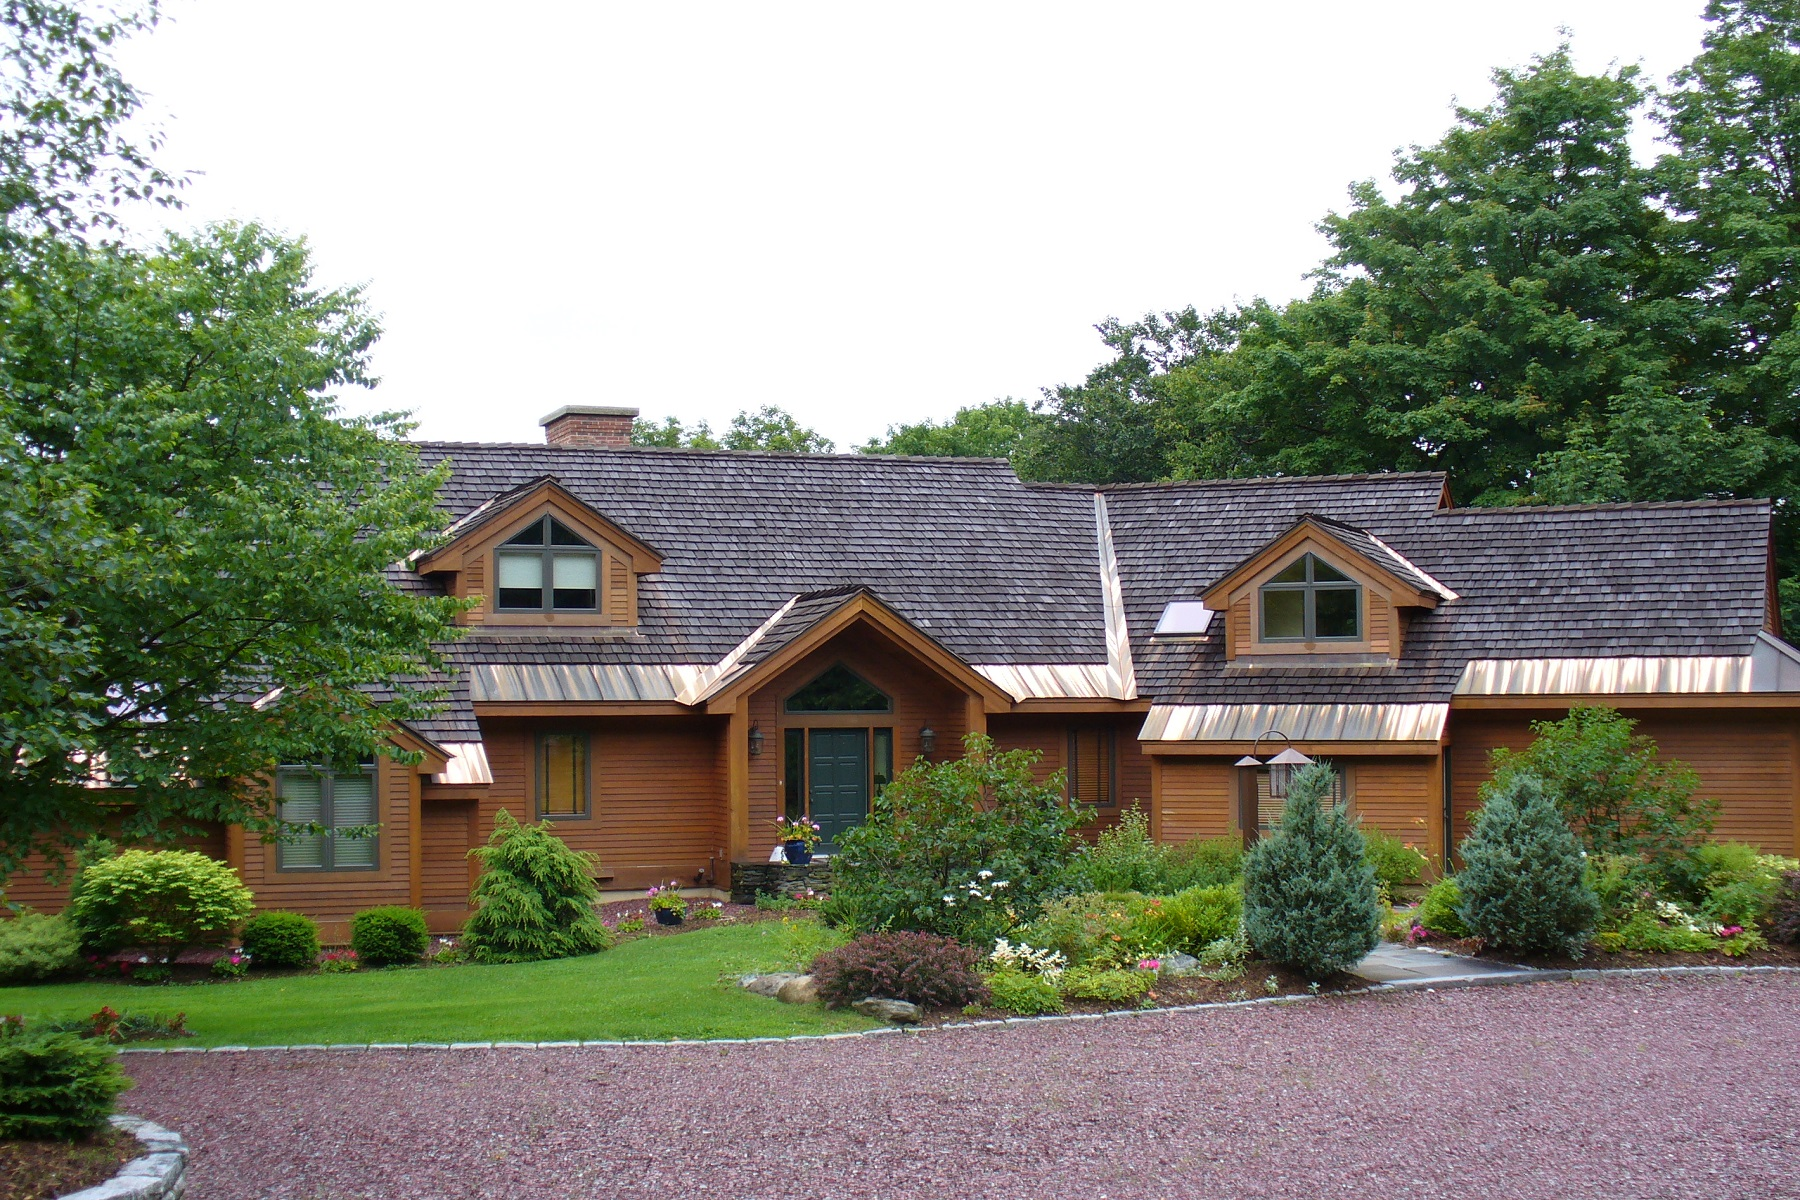 一戸建て のために 売買 アット High Ridge Estate 343 High Ridge Rd Killington, バーモント, 05751 アメリカ合衆国